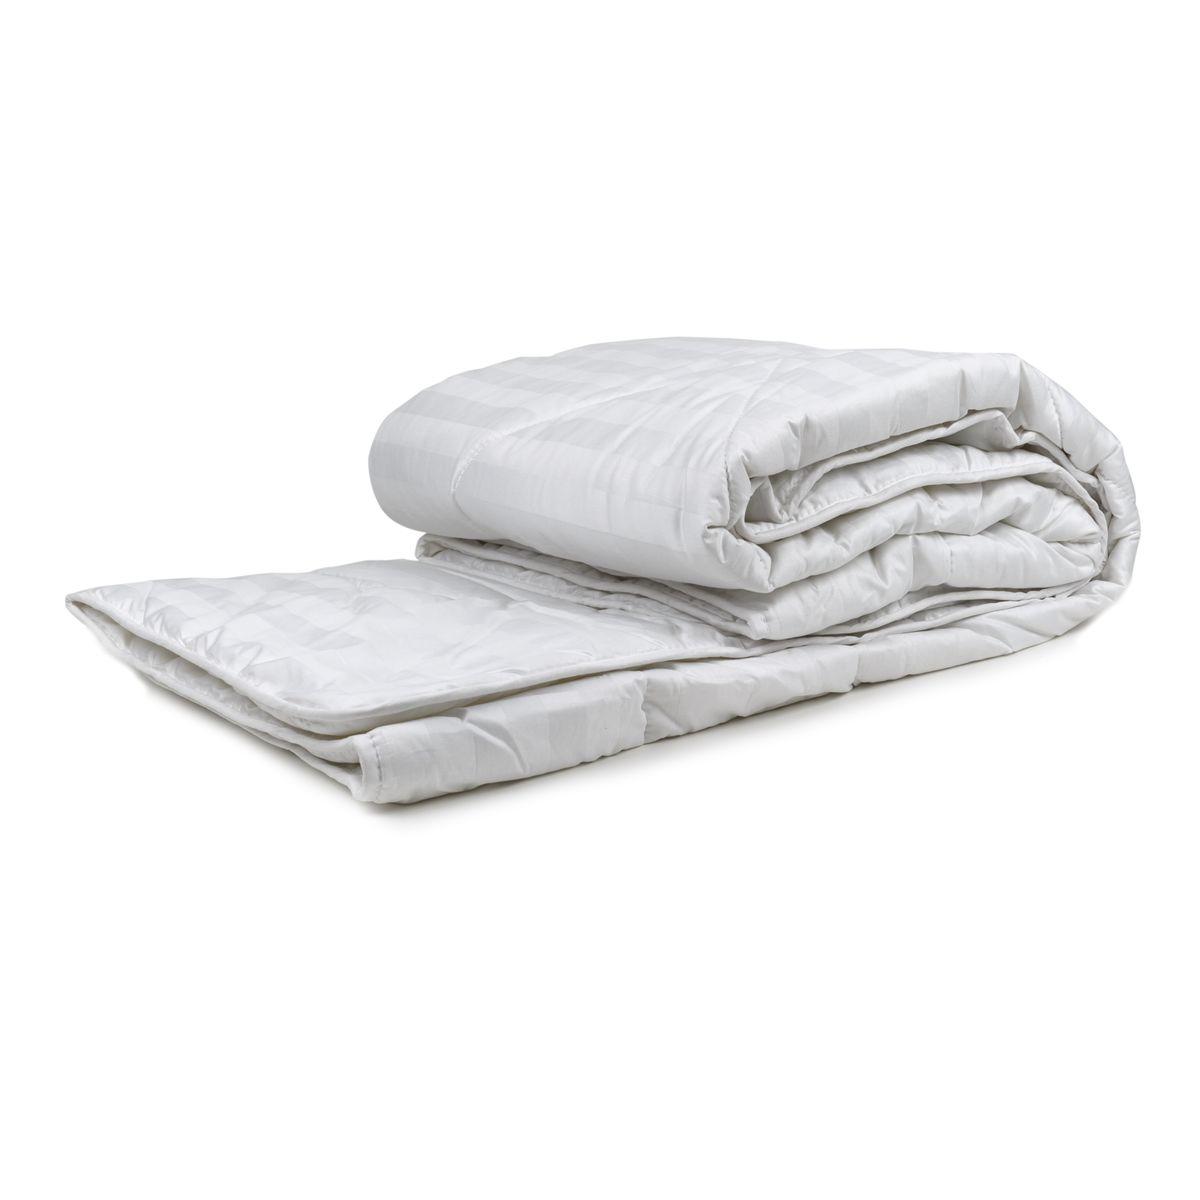 Одеяло Daily by Togas, шерстяное, стеганое, 200х21044.882Шерстяное стеганое одеяло из коллекции Daily. Состав: чехол - 100% хлопок-сатин; наполнитель – овечья шерсть/полиэфирное волокно. Детали: одеяло стеганое, классический крой, кант. Цвет: экру. Размер: 200x210. Комплектация: 1 предмет. Уход: Рекомендуется чистить в соответствии с символами, указанными на лейбле. Периодически проветривайте изделие на свежем воздухе в сухую солнечную погоду. Для длительного хранения и транспортировки используйте упаковку, в которой изделие находилось при покупке.